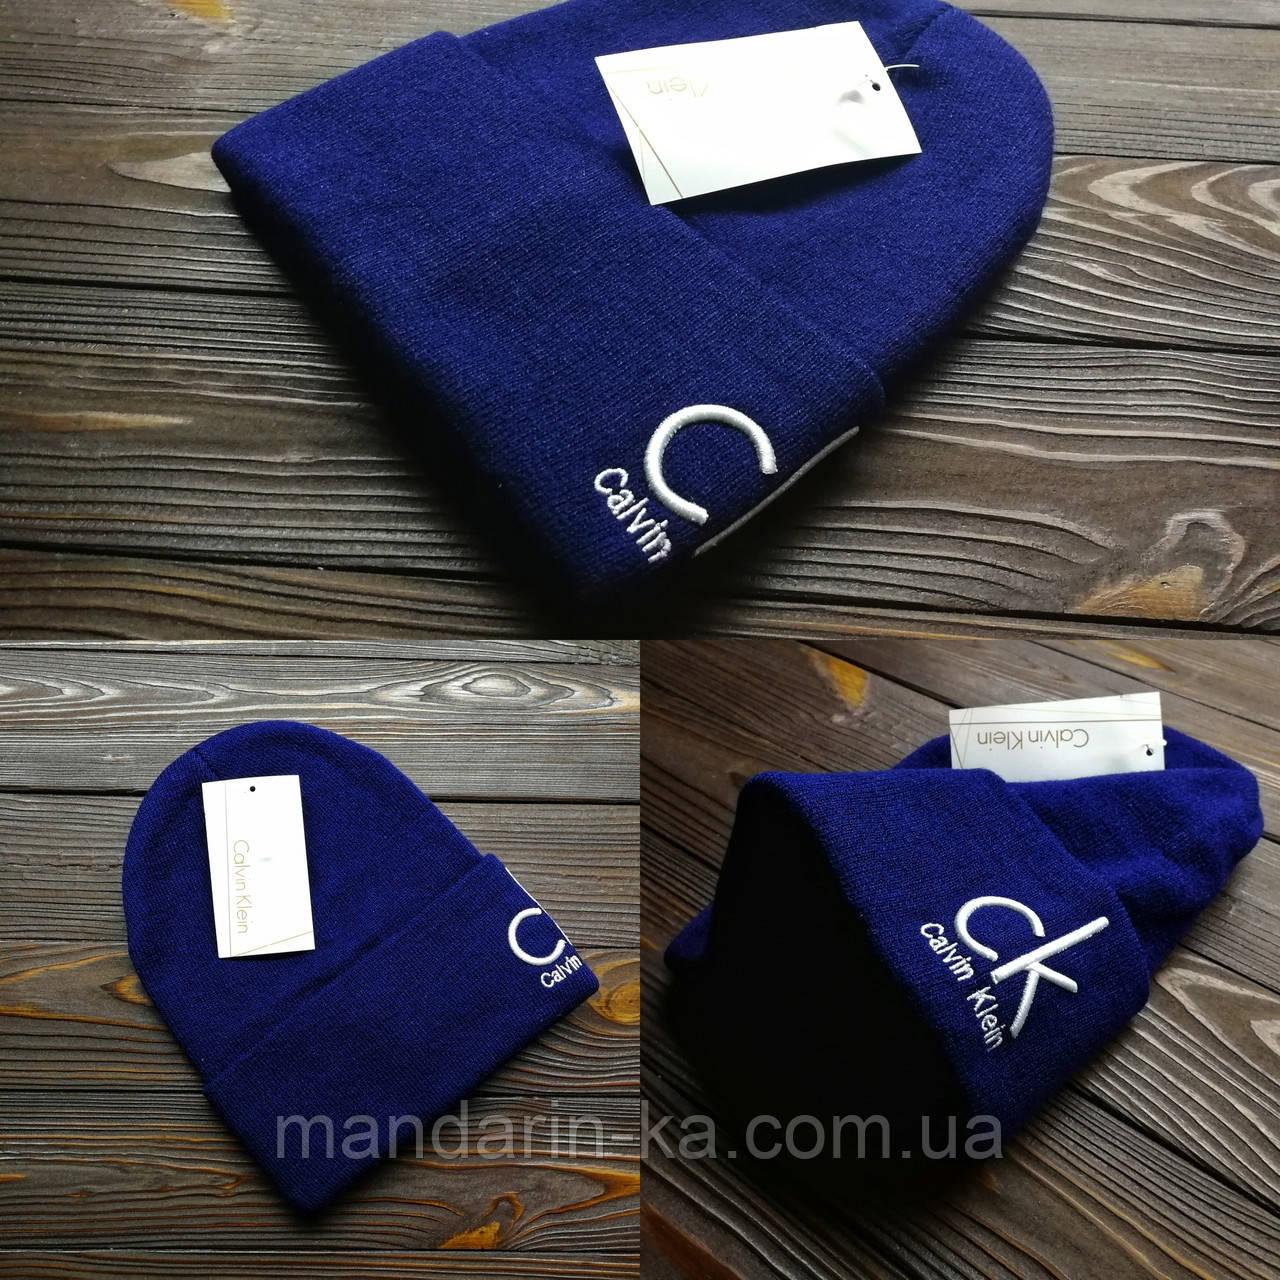 Шапка мужская брендовая  темно-синяя    (реплика)